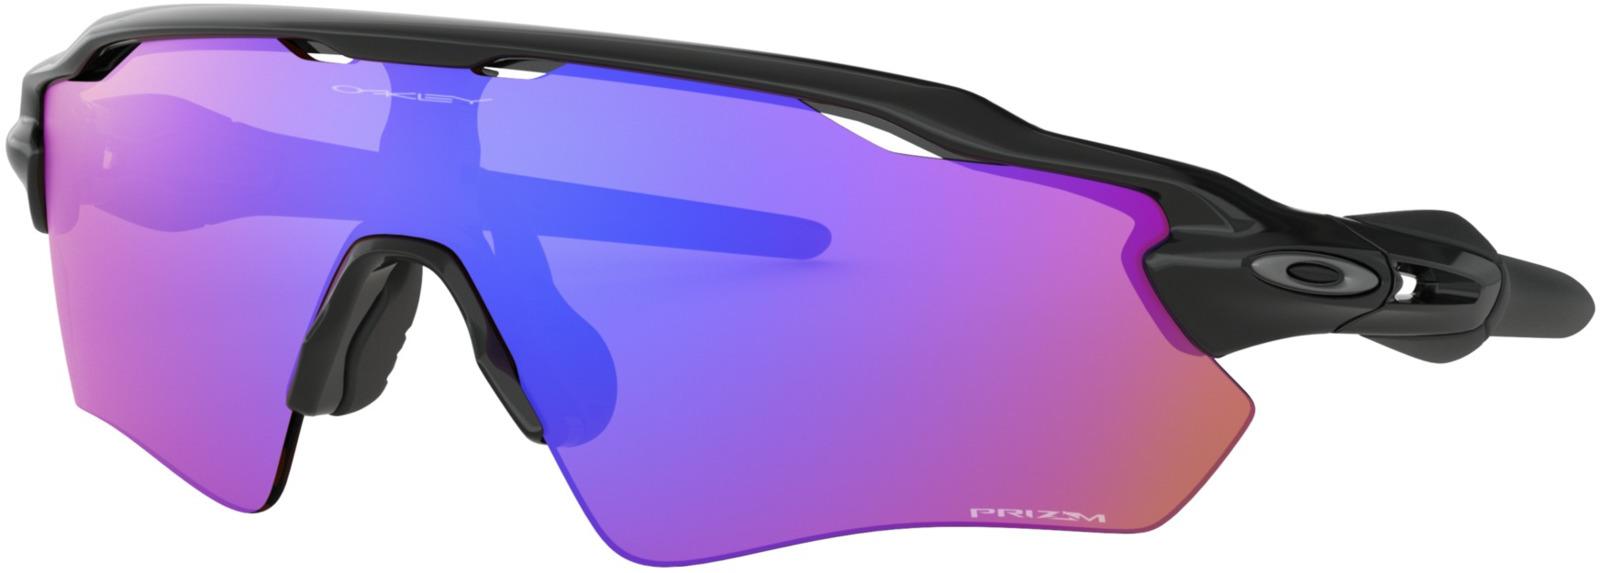 цена на Велосипедные очки Oakley Radar Ev Path Polished, цвет: черный